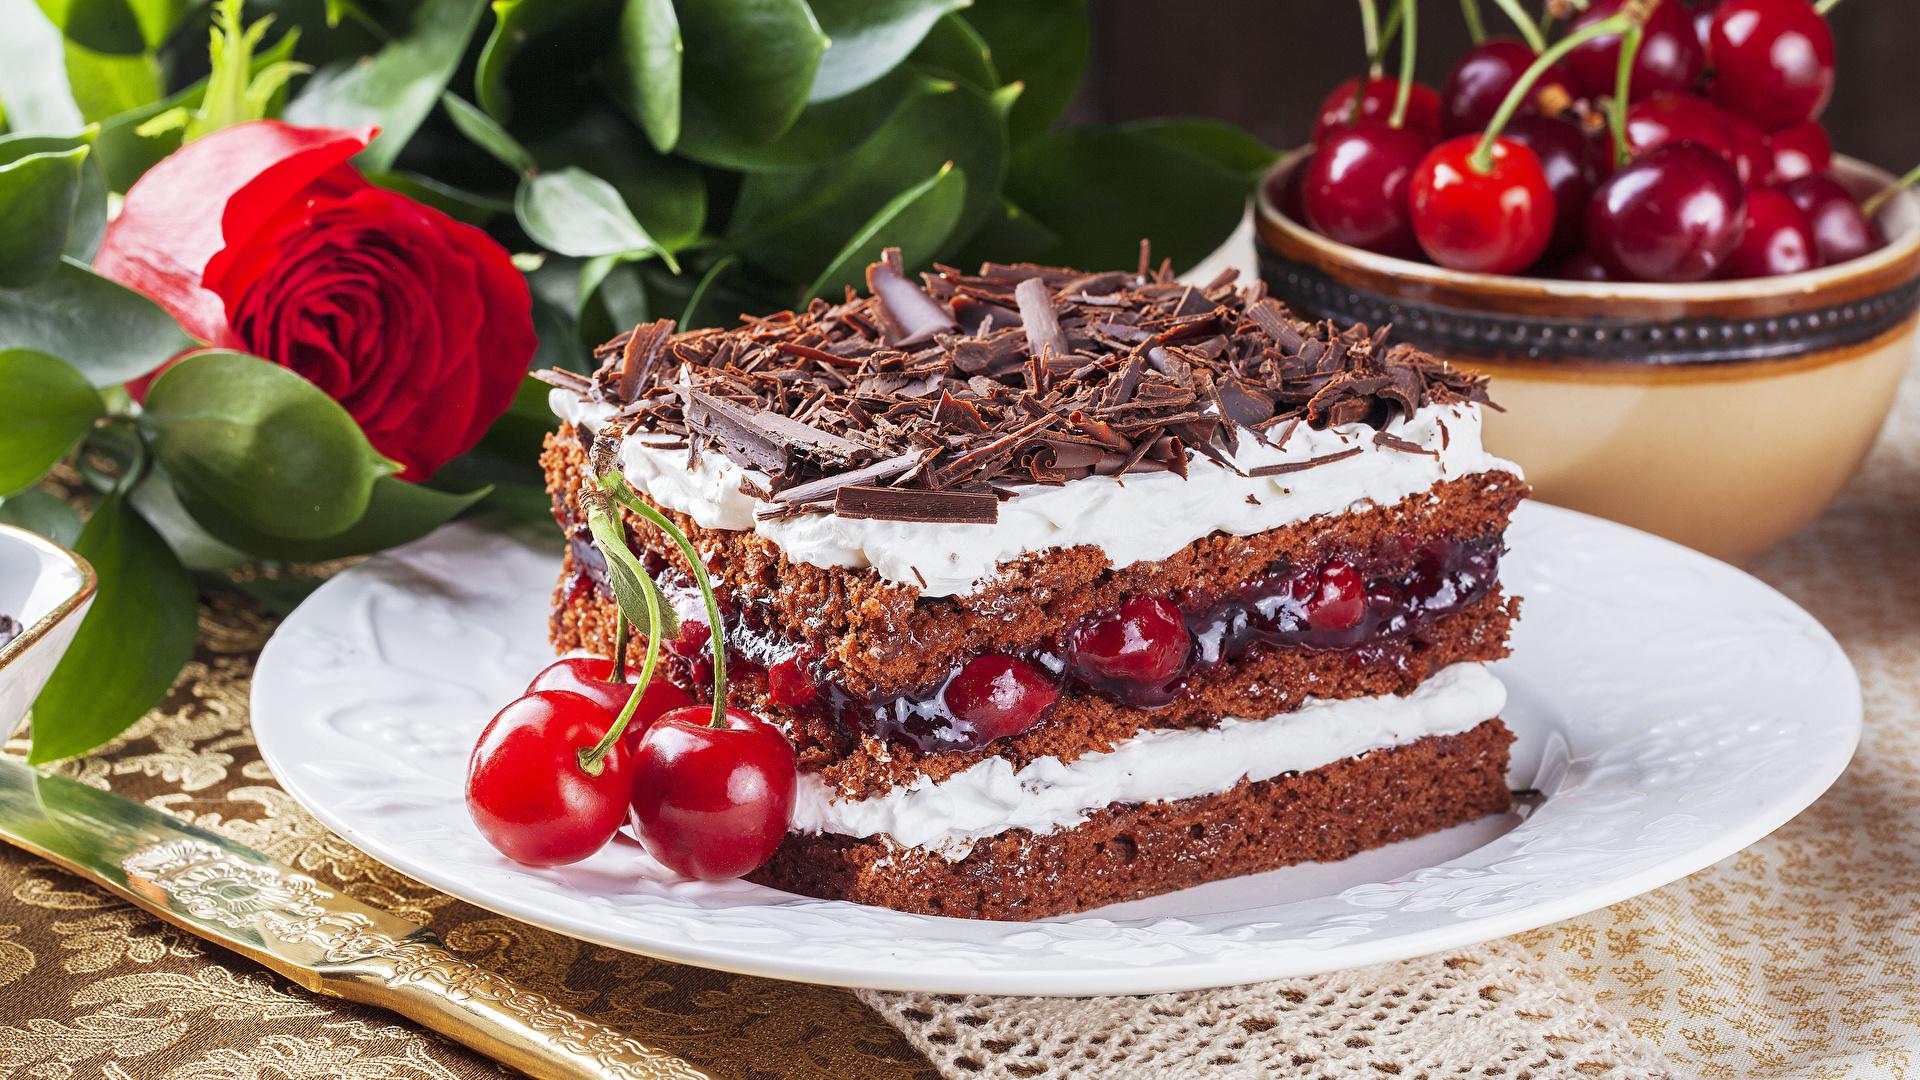 Фото Шоколад Розы Торты Кусок Черешня Продукты питания 1920x1080 часть Вишня Еда Пища